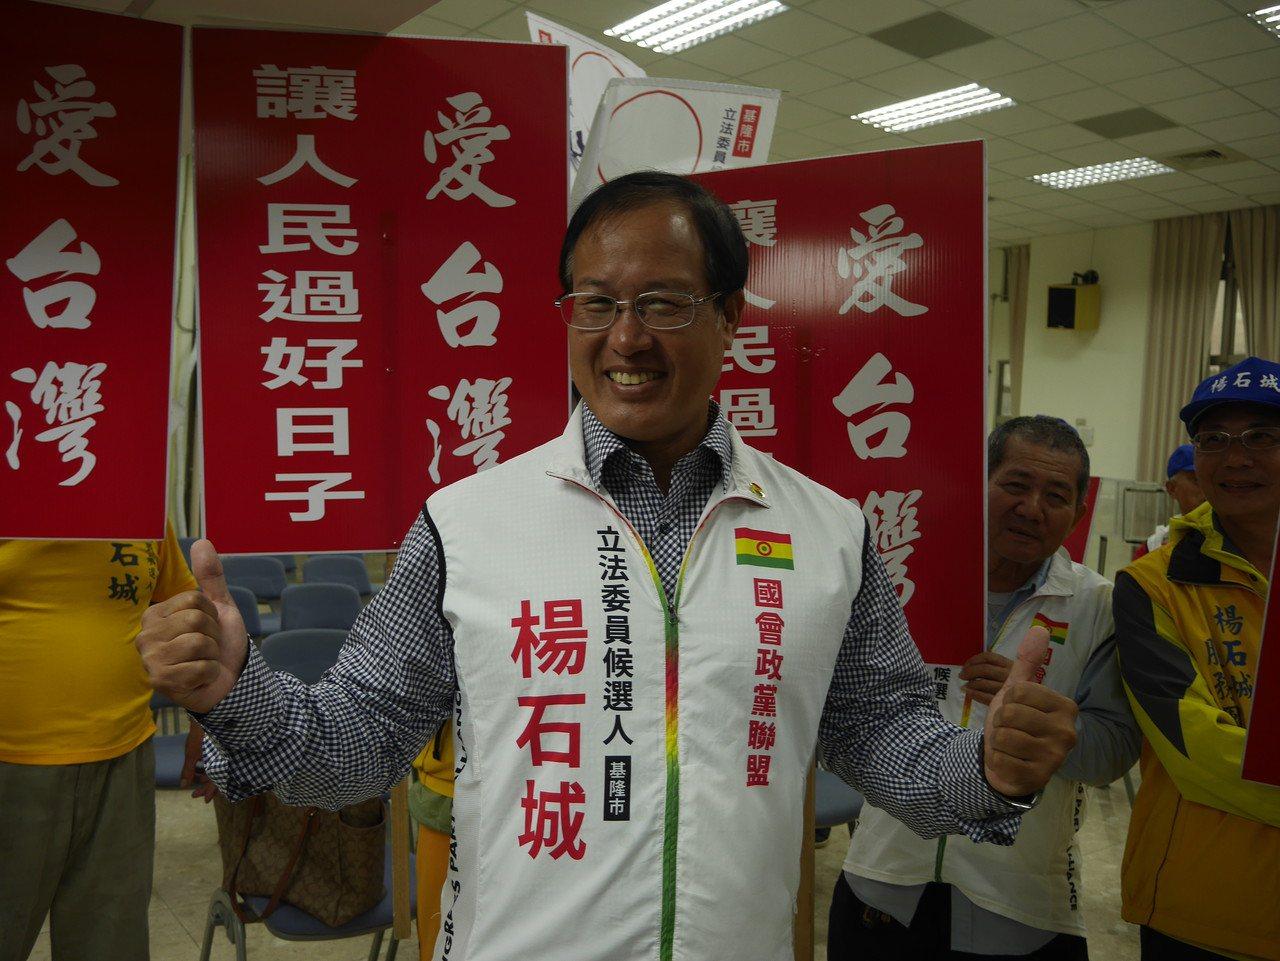 基隆市議員楊石城說,他二度參選是要完成為百姓努力打拚的願望。 記者吳淑君/攝影